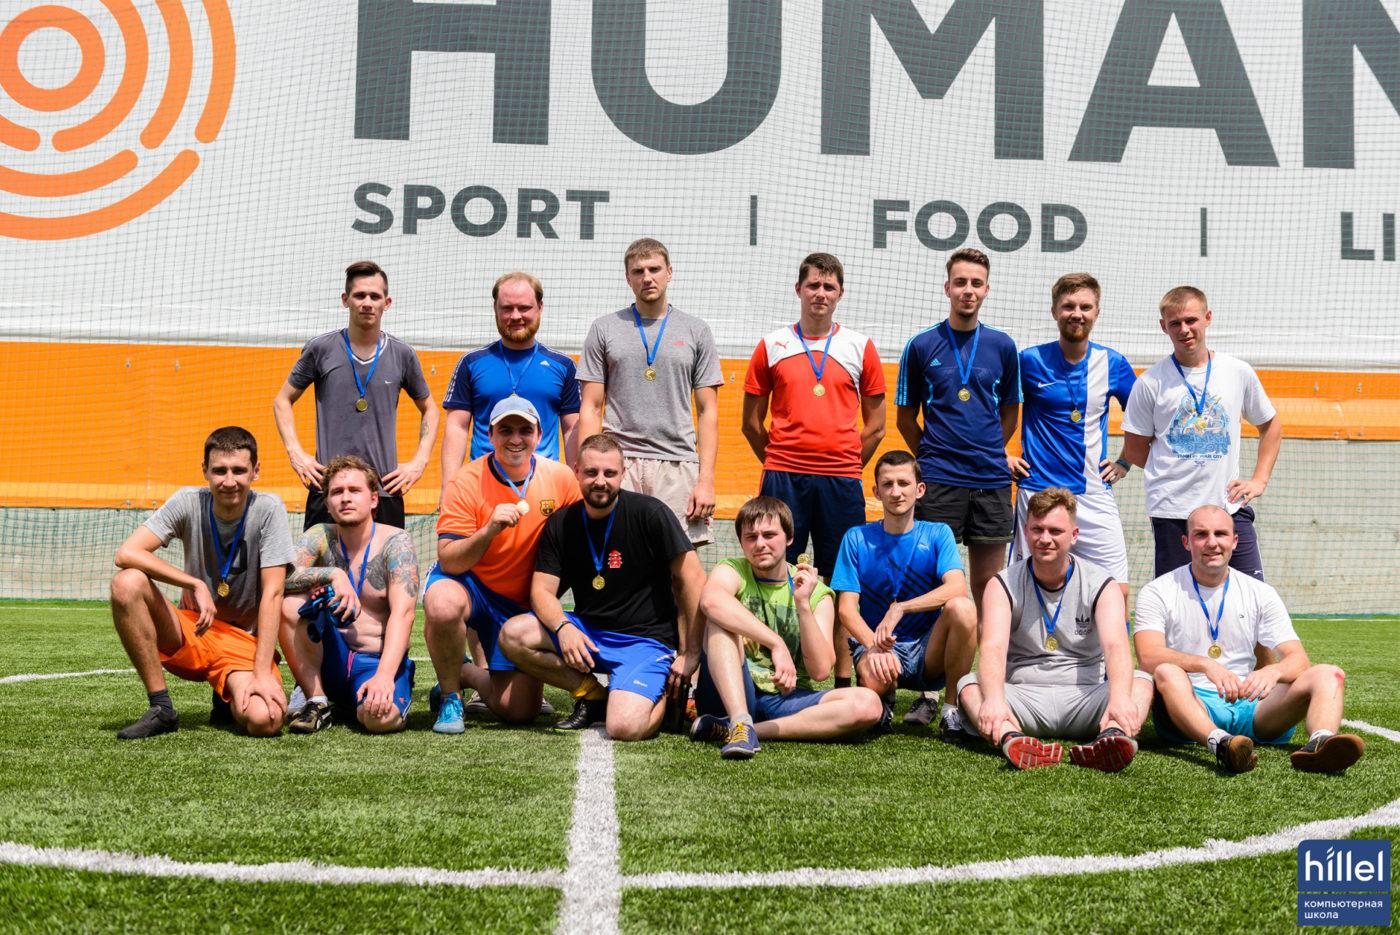 Новости школы: В футбол играют настоящие айтишники. Товарищеский футбольный матч в Днепре.